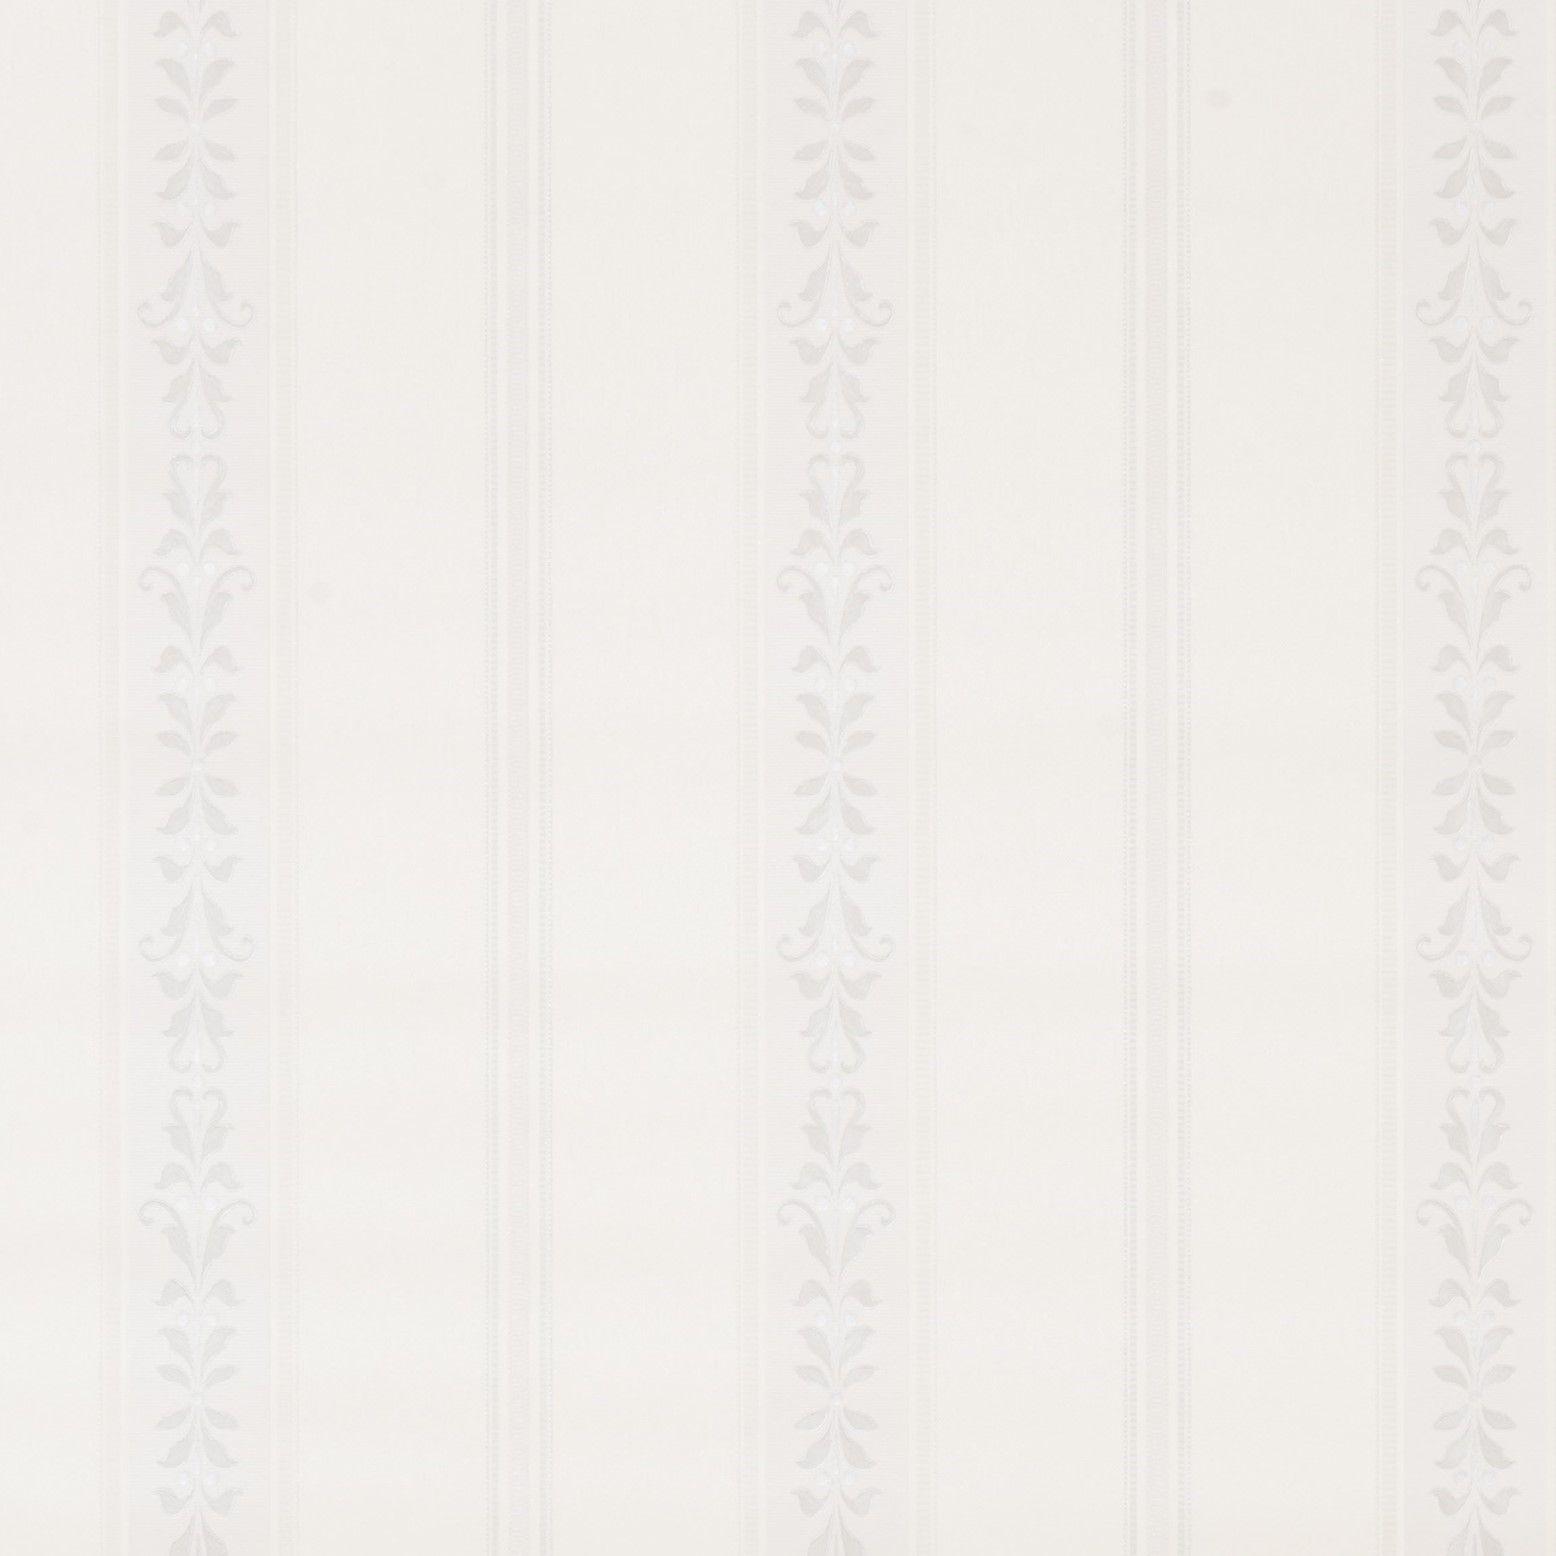 Papel de Parede Paris Decor Vinílico Coleção Colmar Listras Adamascado Detalhes Off White, Cinza